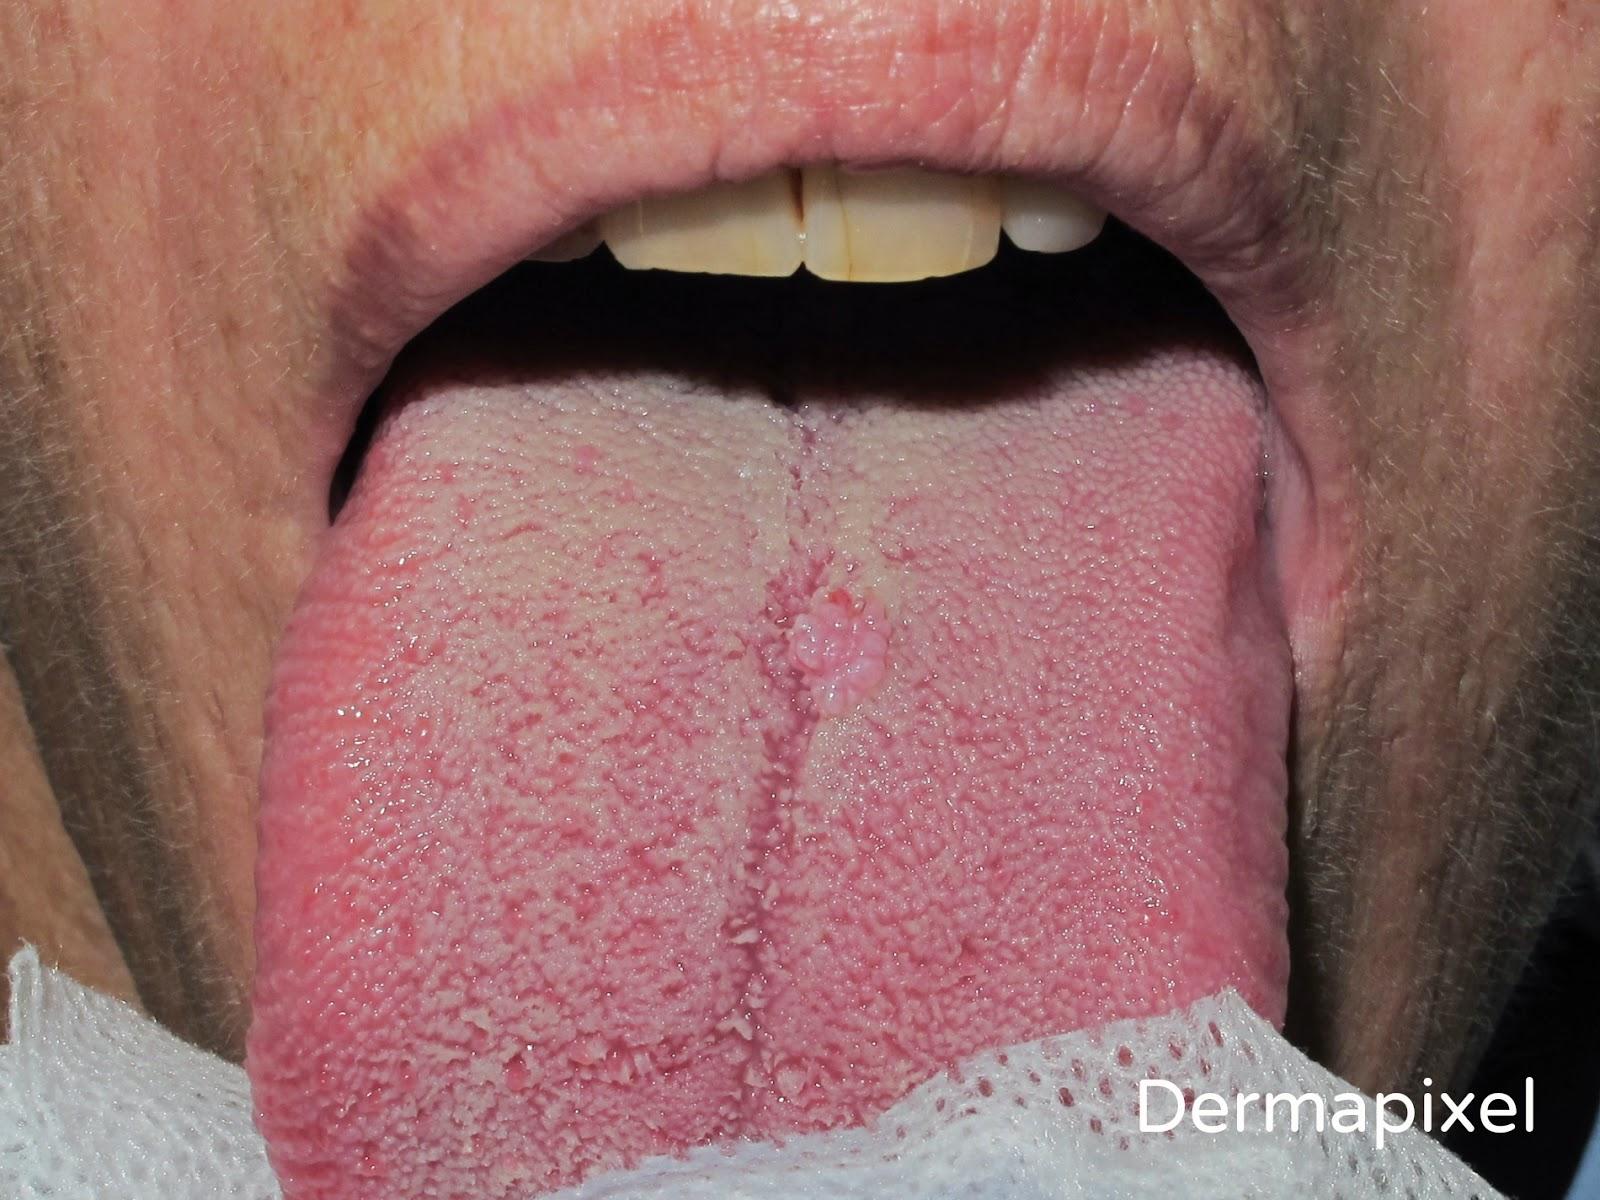 Que es papiloma canino - Papilloma virus canino